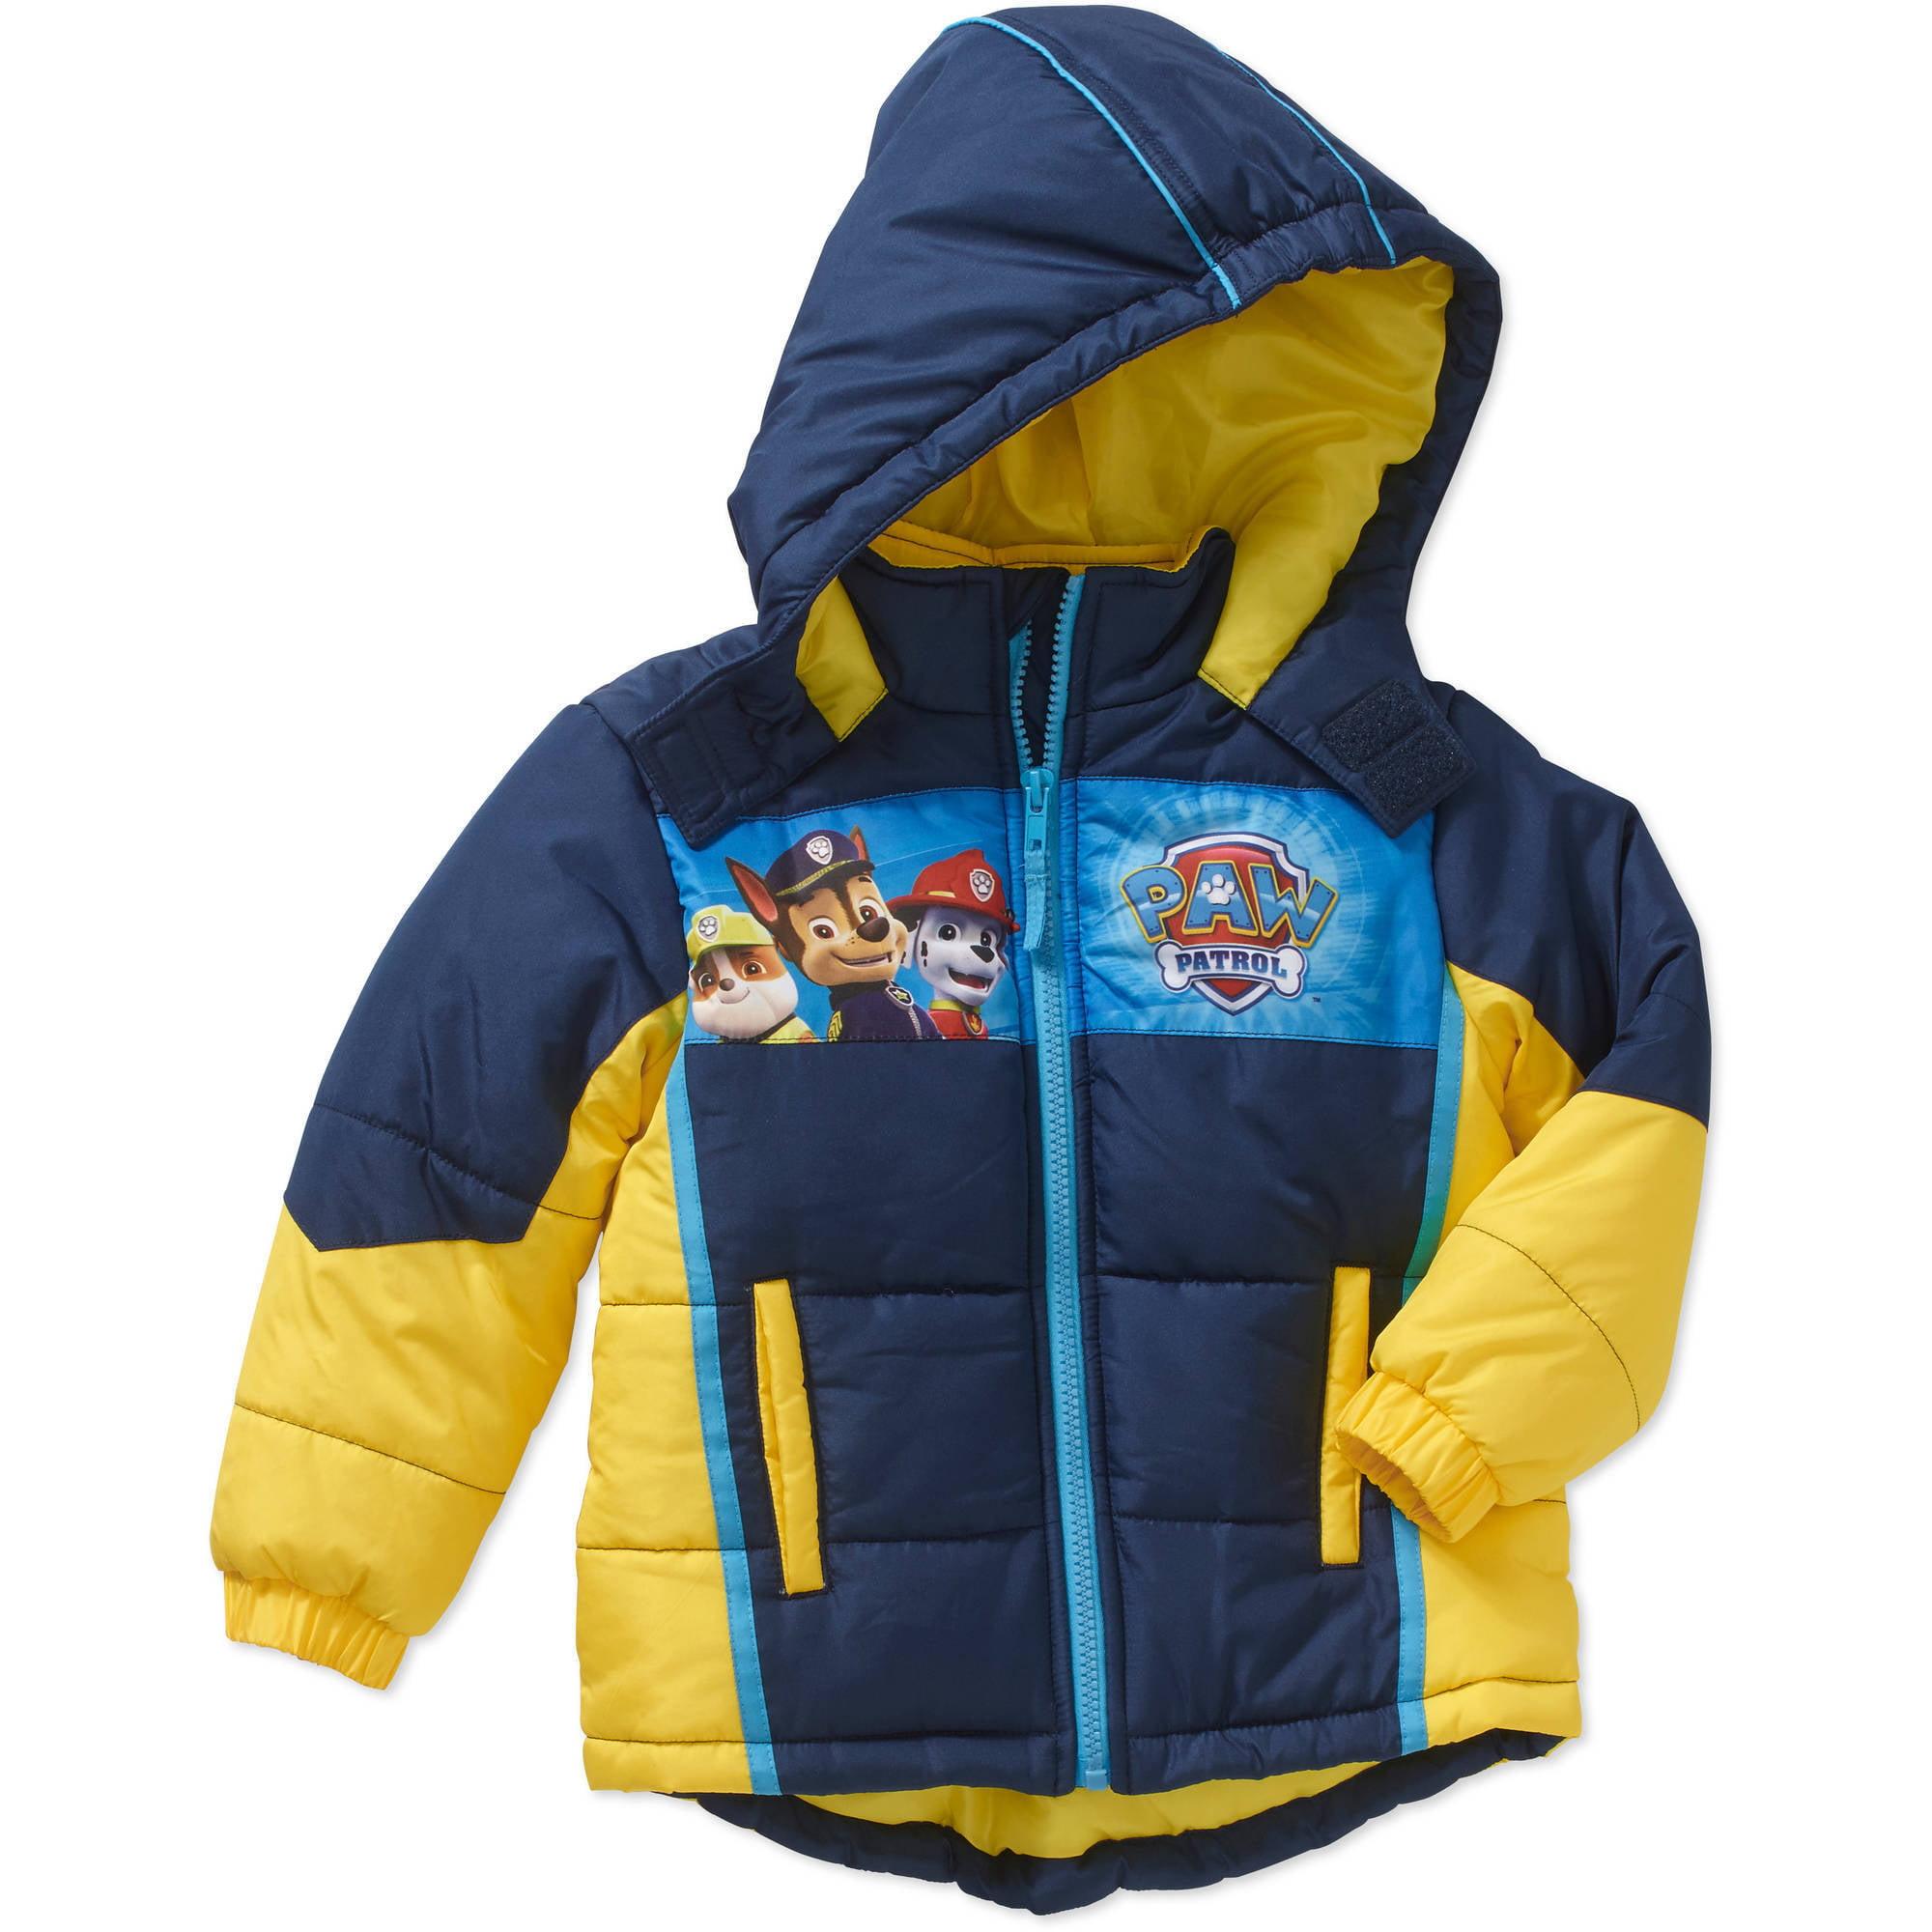 nickelodeon paw patrol toddler boy hooded puffer jacket walmart #2: 22be4f5b 5622 4e52 bb76 7e eb5 1 d7d b264f8191c4981cf